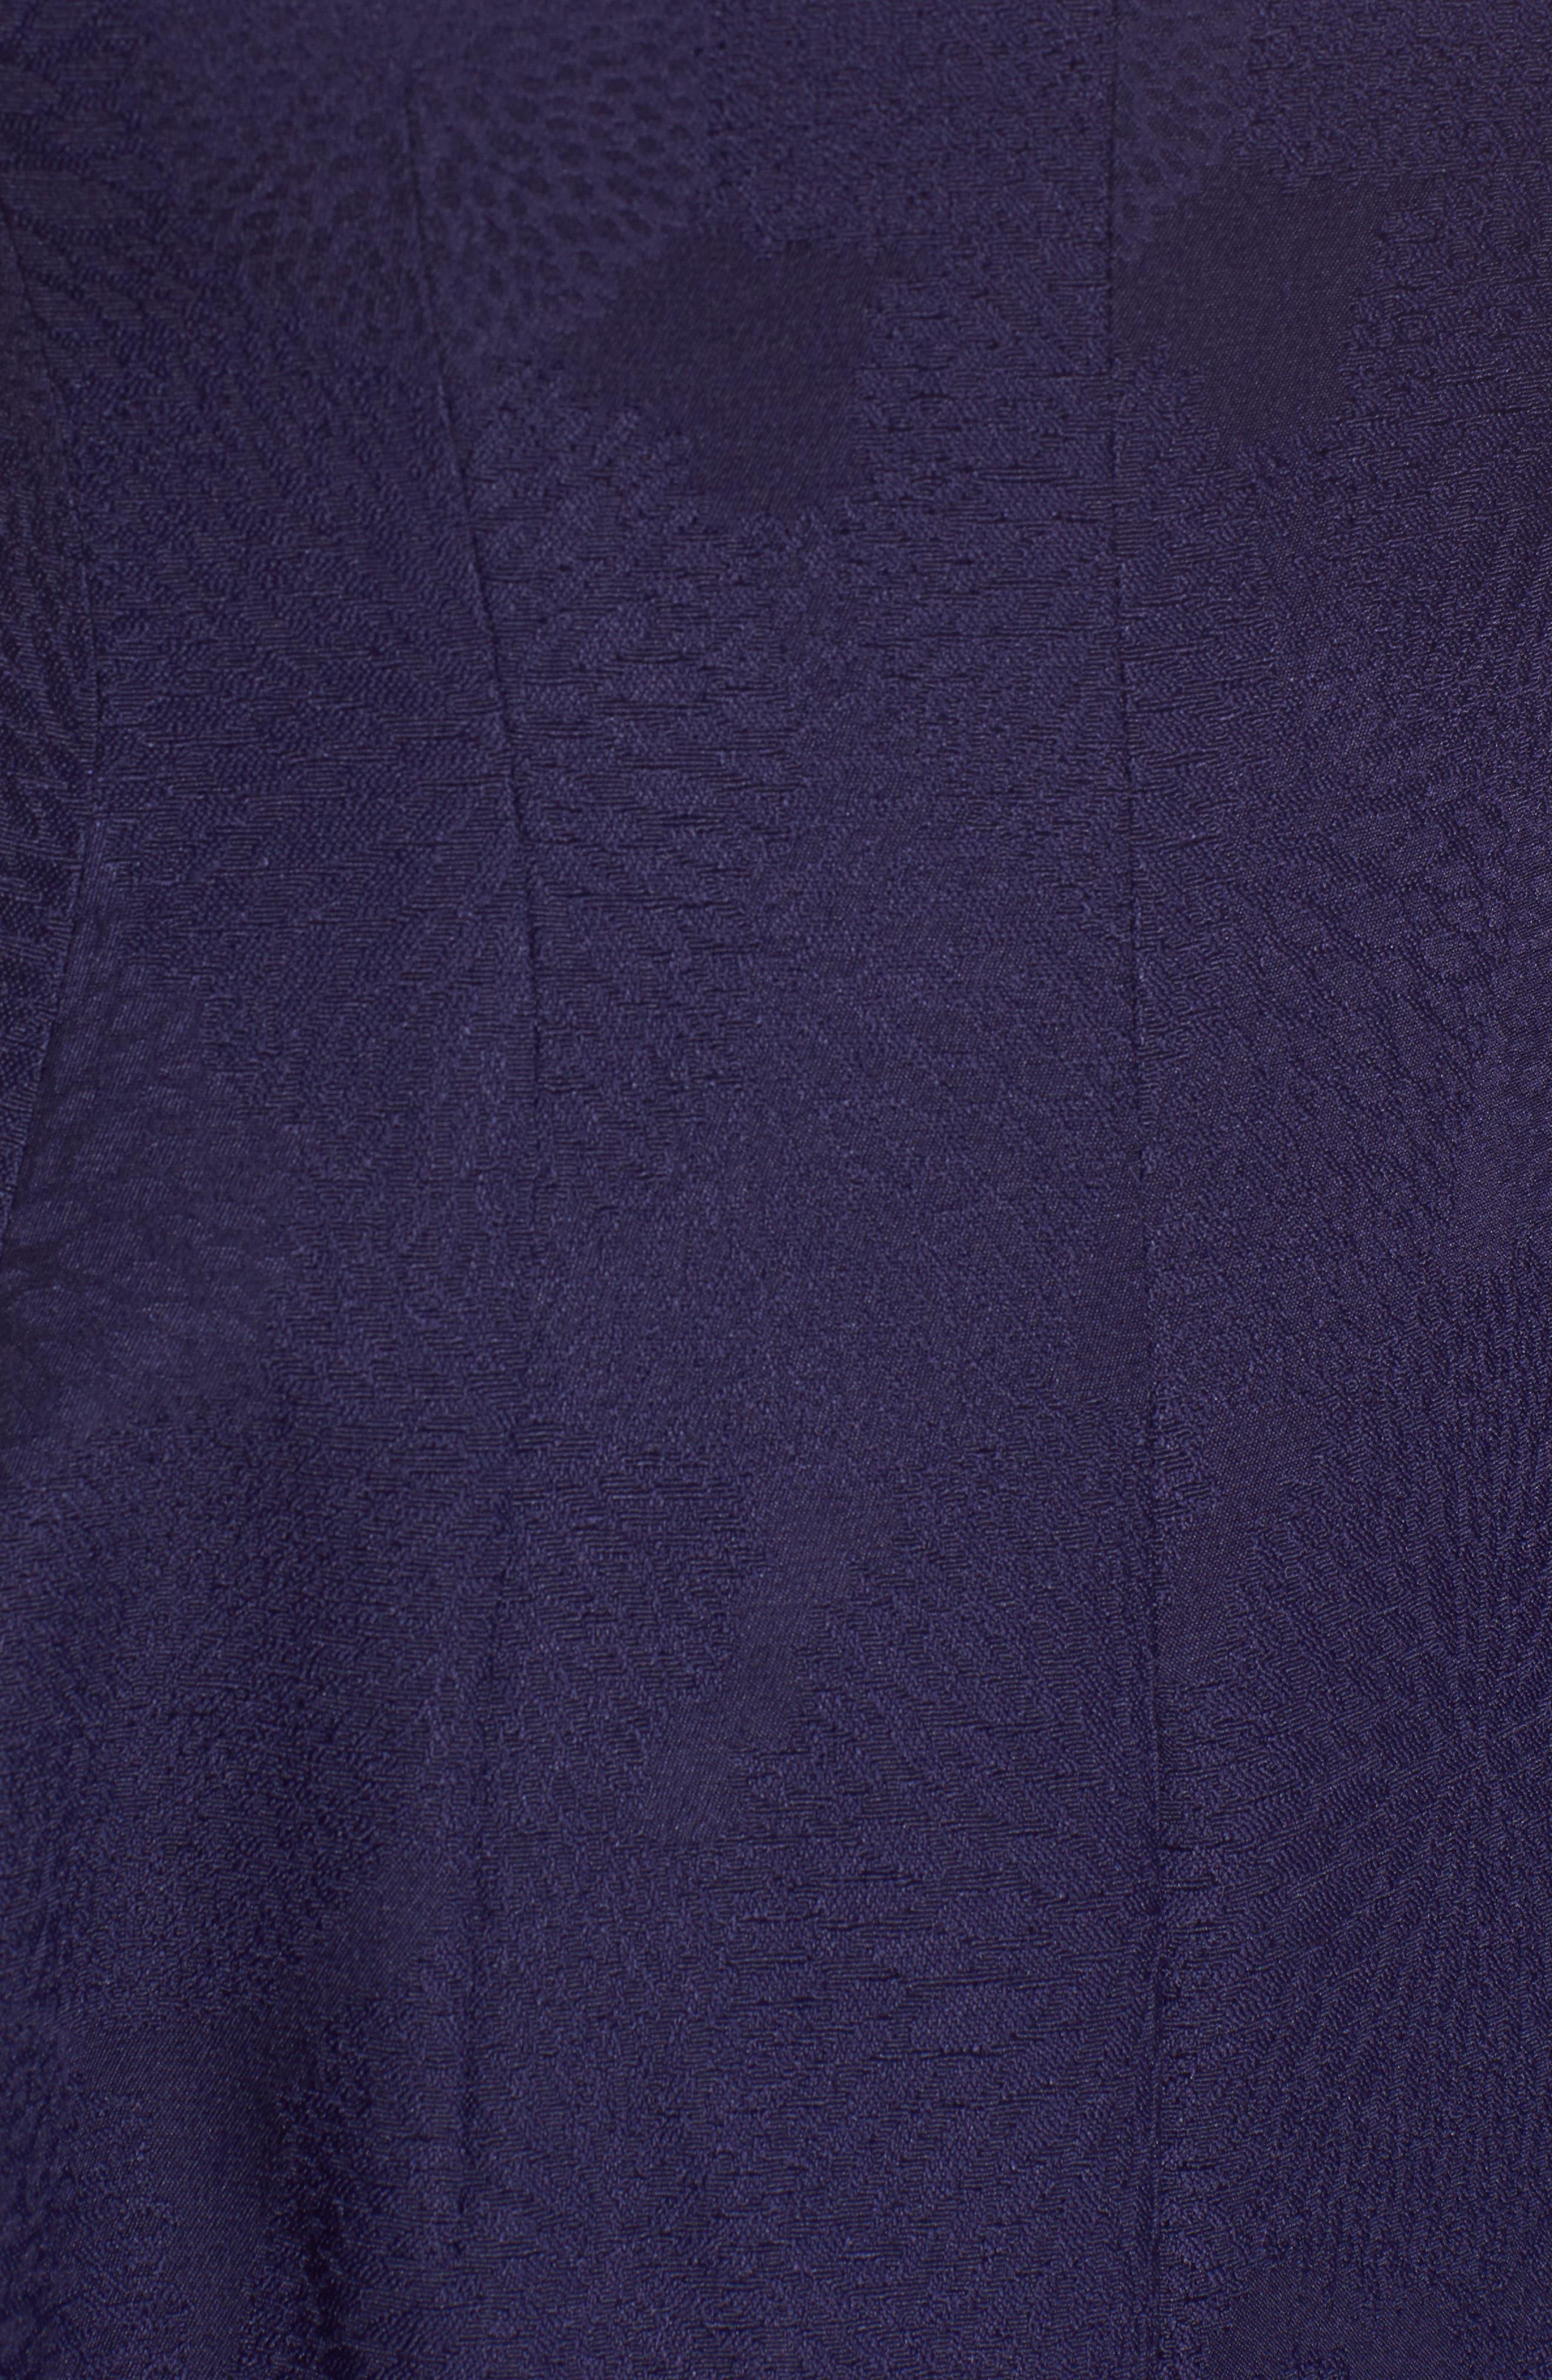 Jacquard Fit & Flare Dress,                             Alternate thumbnail 5, color,                             Monaco